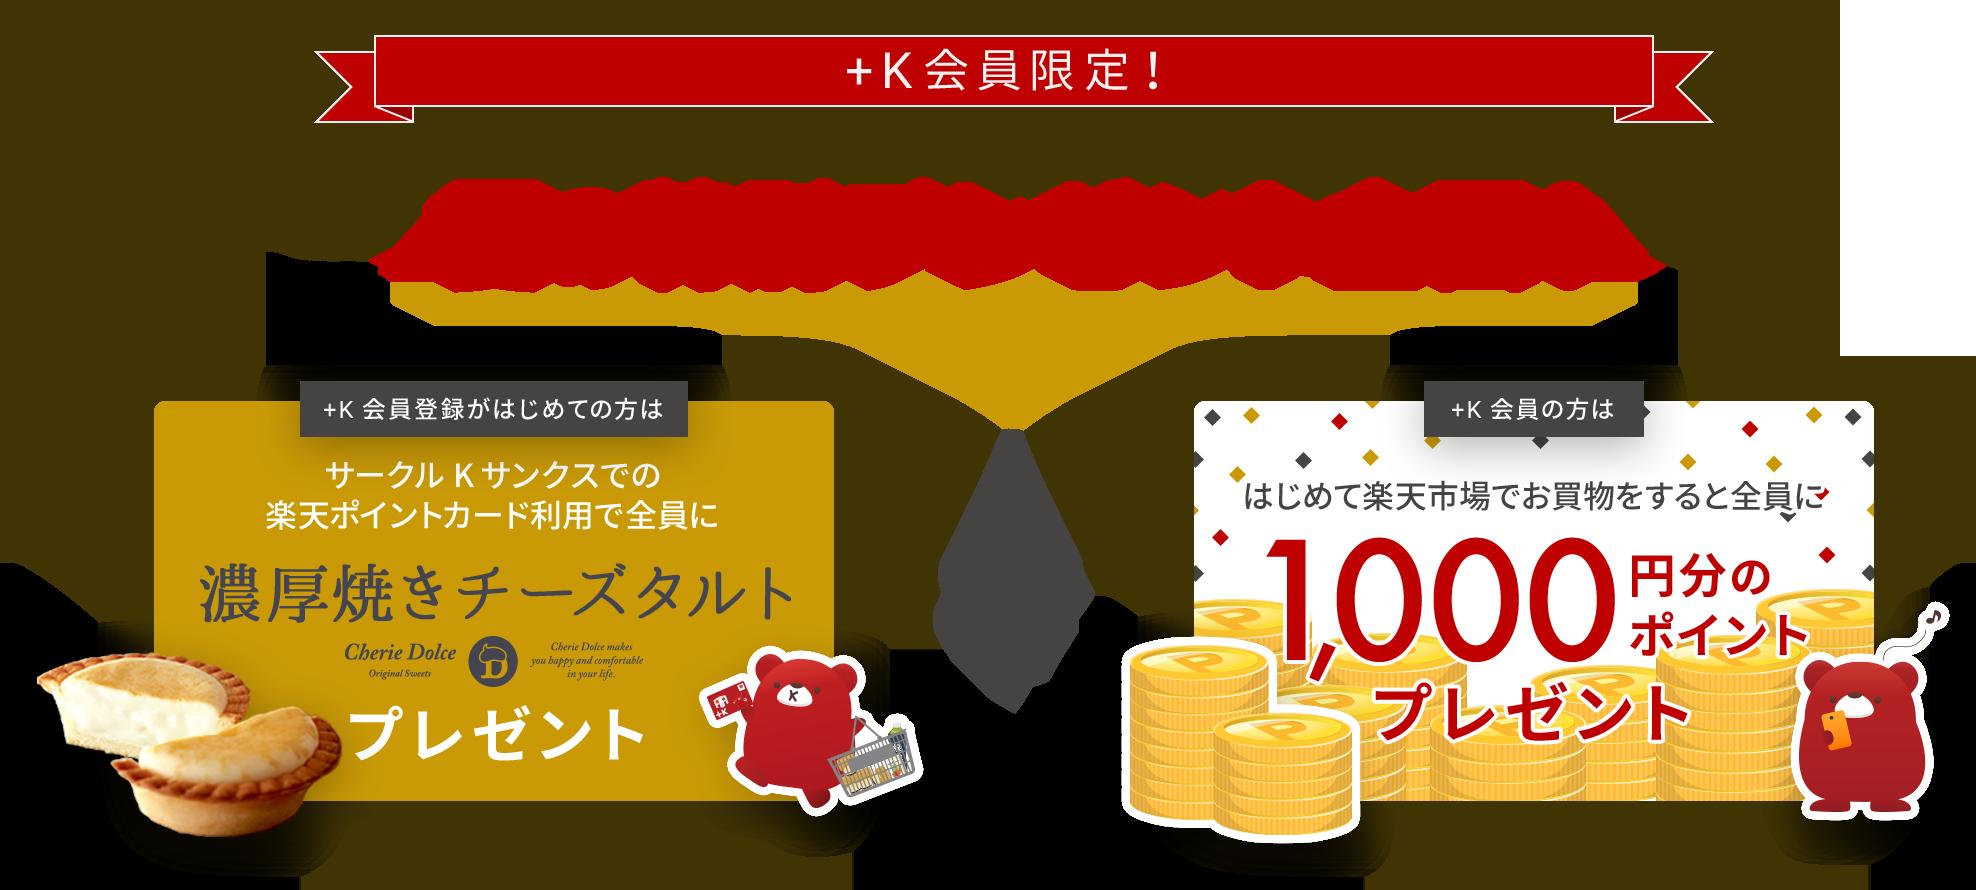 楽天で始めて買い物をすると1000ポイント、サークルKサンクスで楽天ポイントカードを利用で濃厚焼きチーズタルトがもれなく貰える。~8/31。